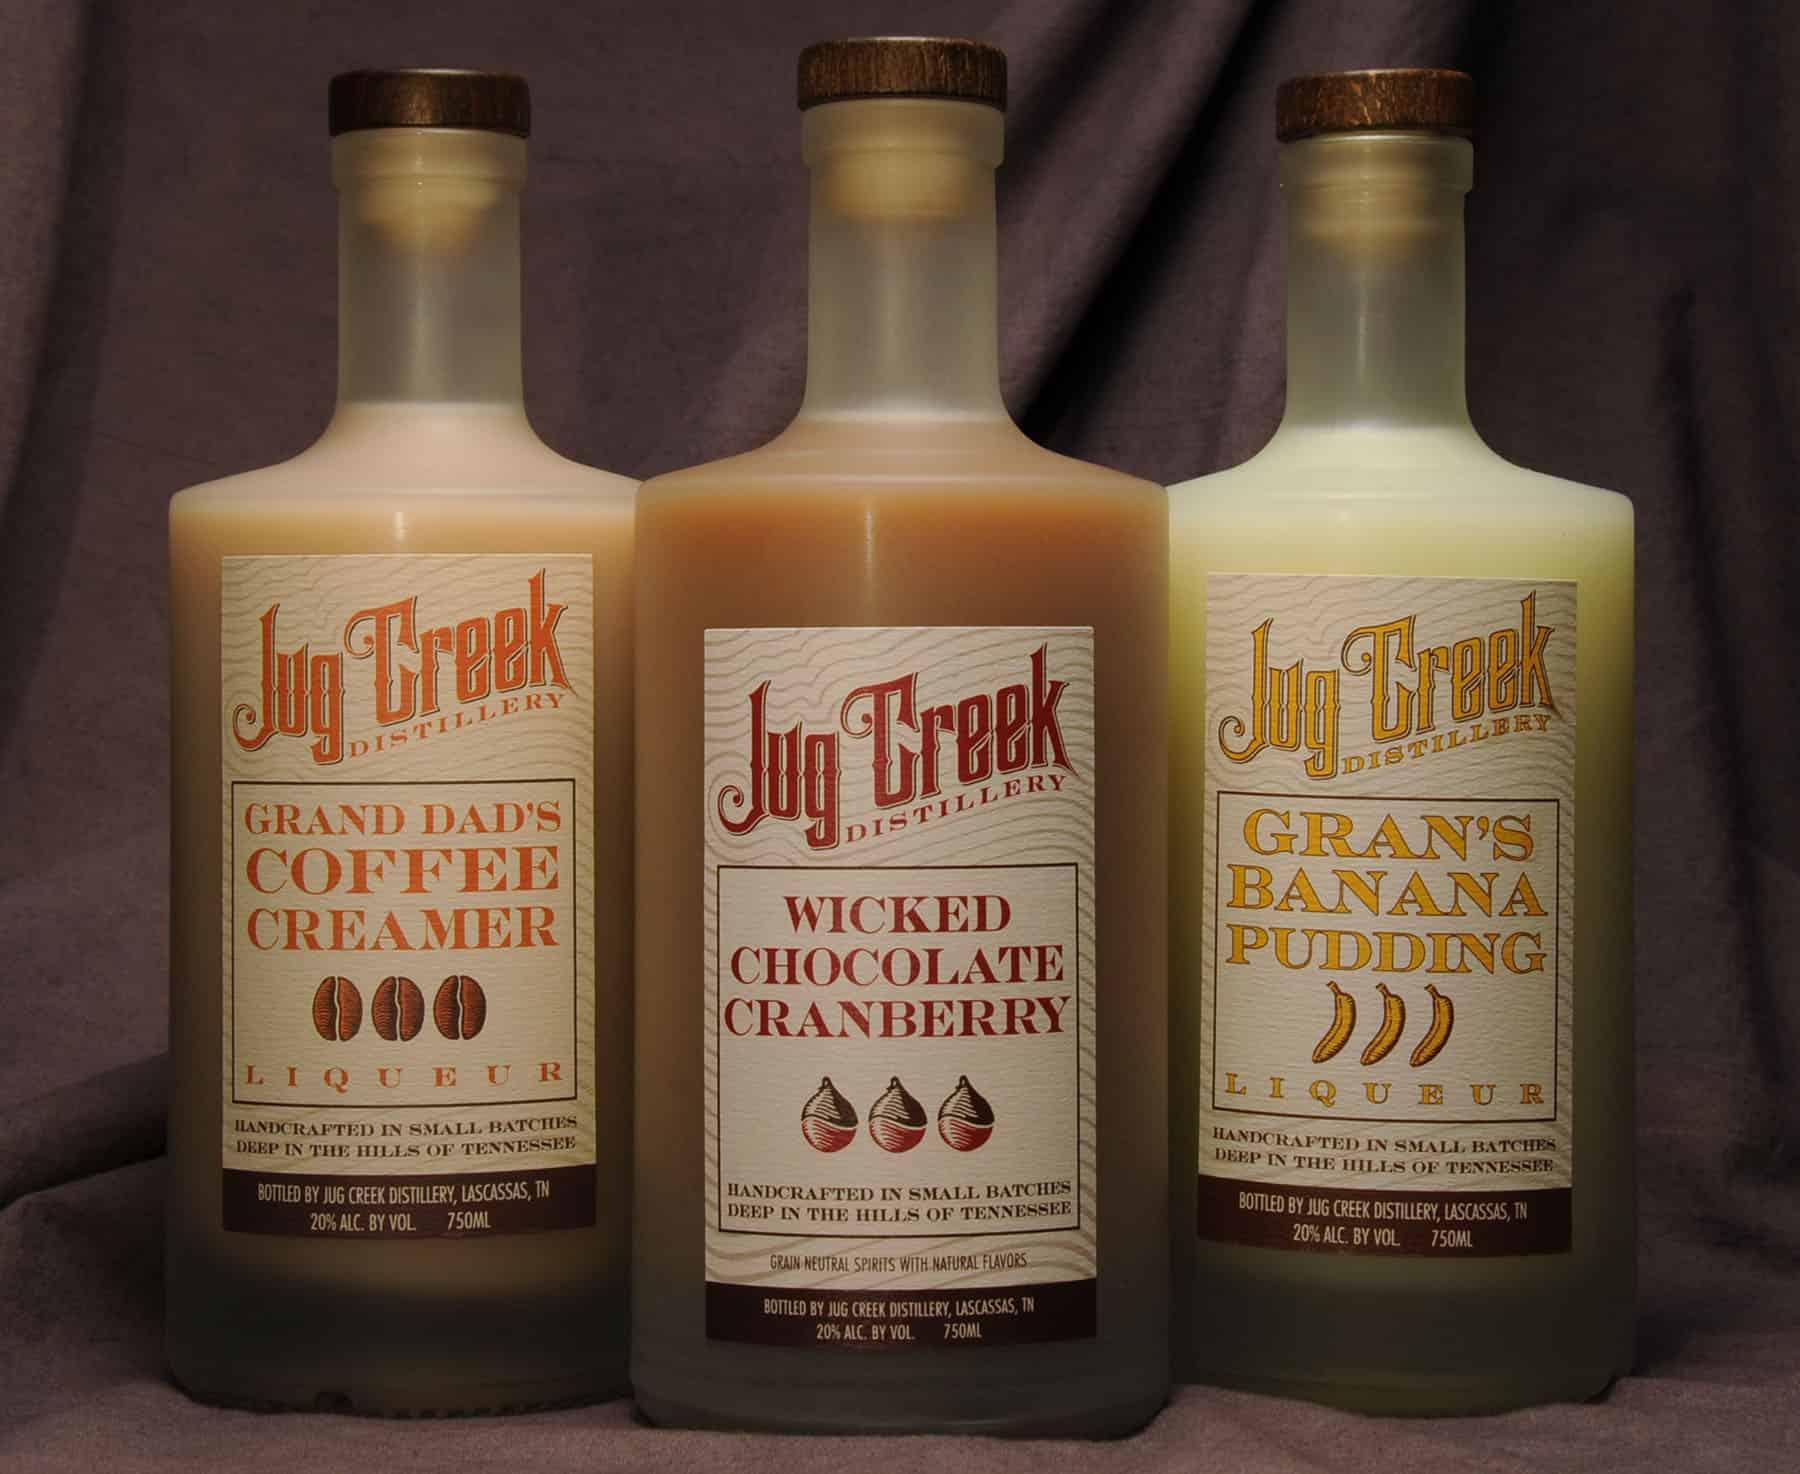 Jug Creek liqueur bottles